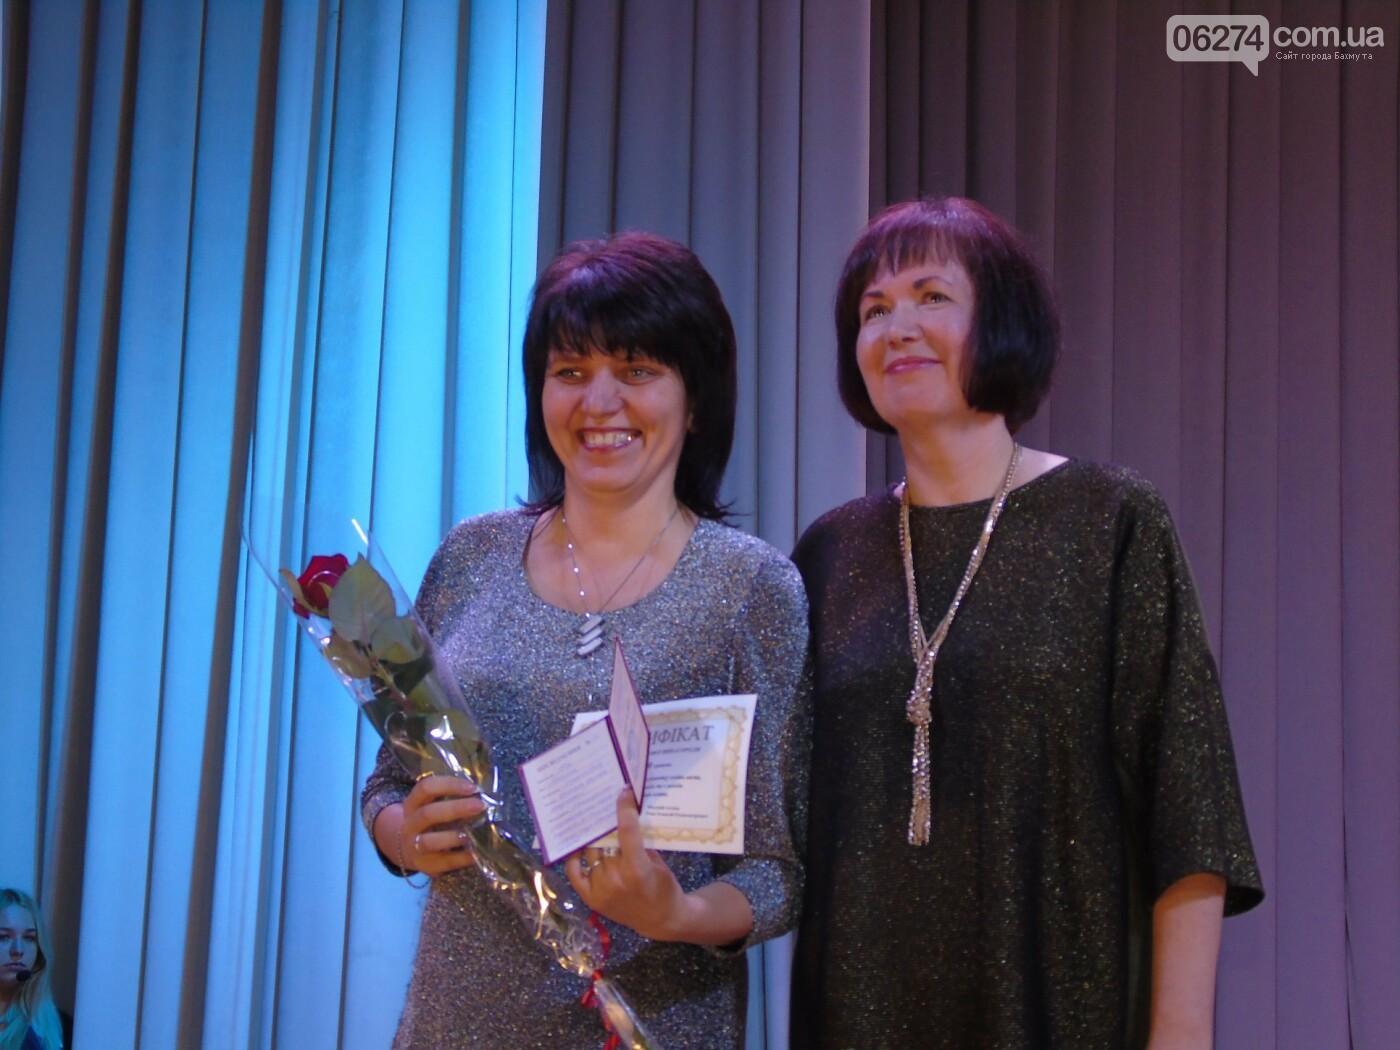 Татьяна Бак (слева) и Марина Рубцова (справа) - Фейсбук Татьяна Бак